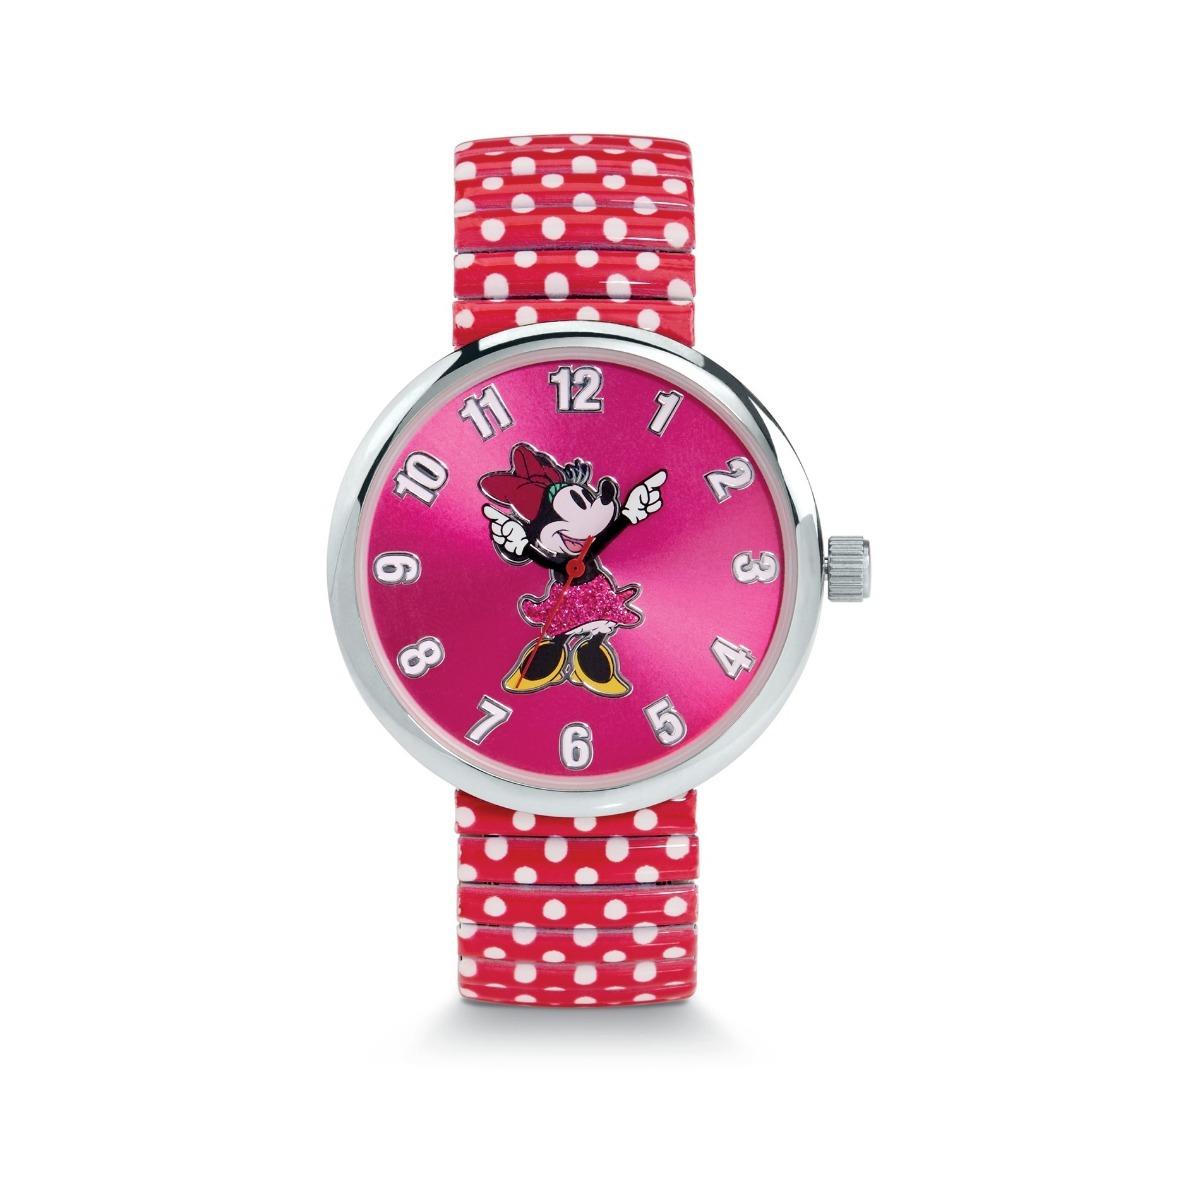 Mouse Minnie Minnie Reloj Reloj Mouse Reloj Minnie cl3JFTK1